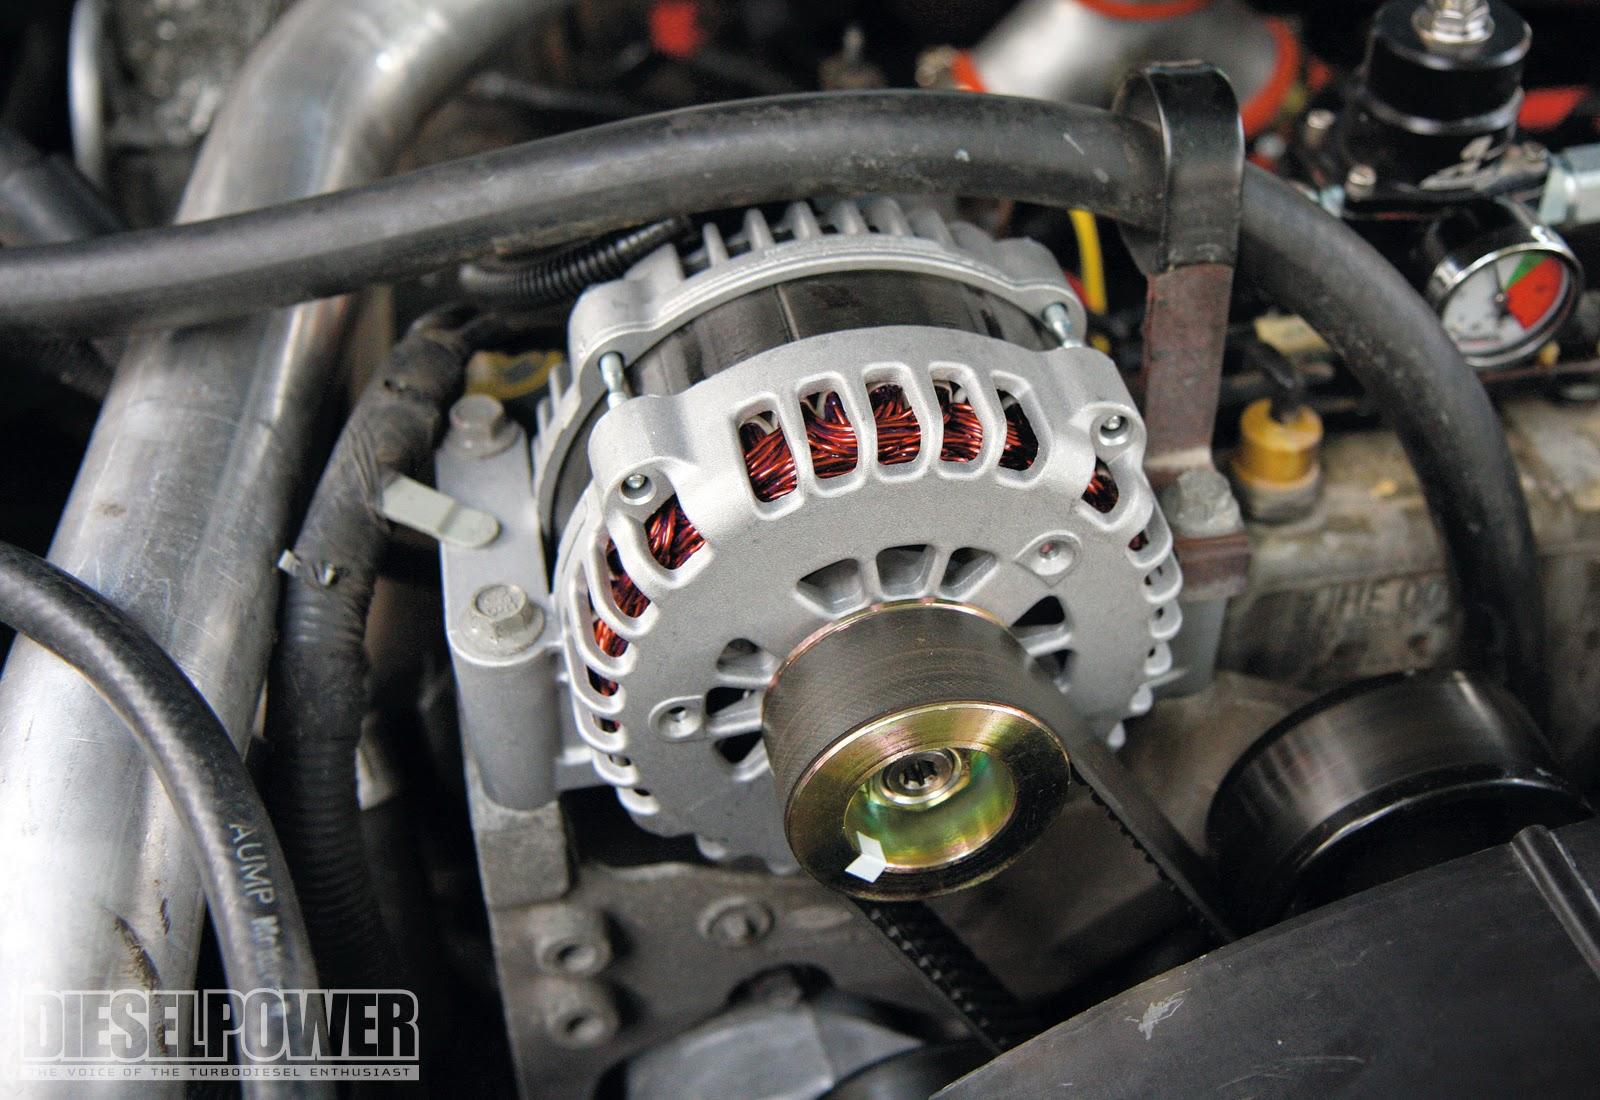 Seputar Tentang Masalah Otomotif  Kendaraan October 2014